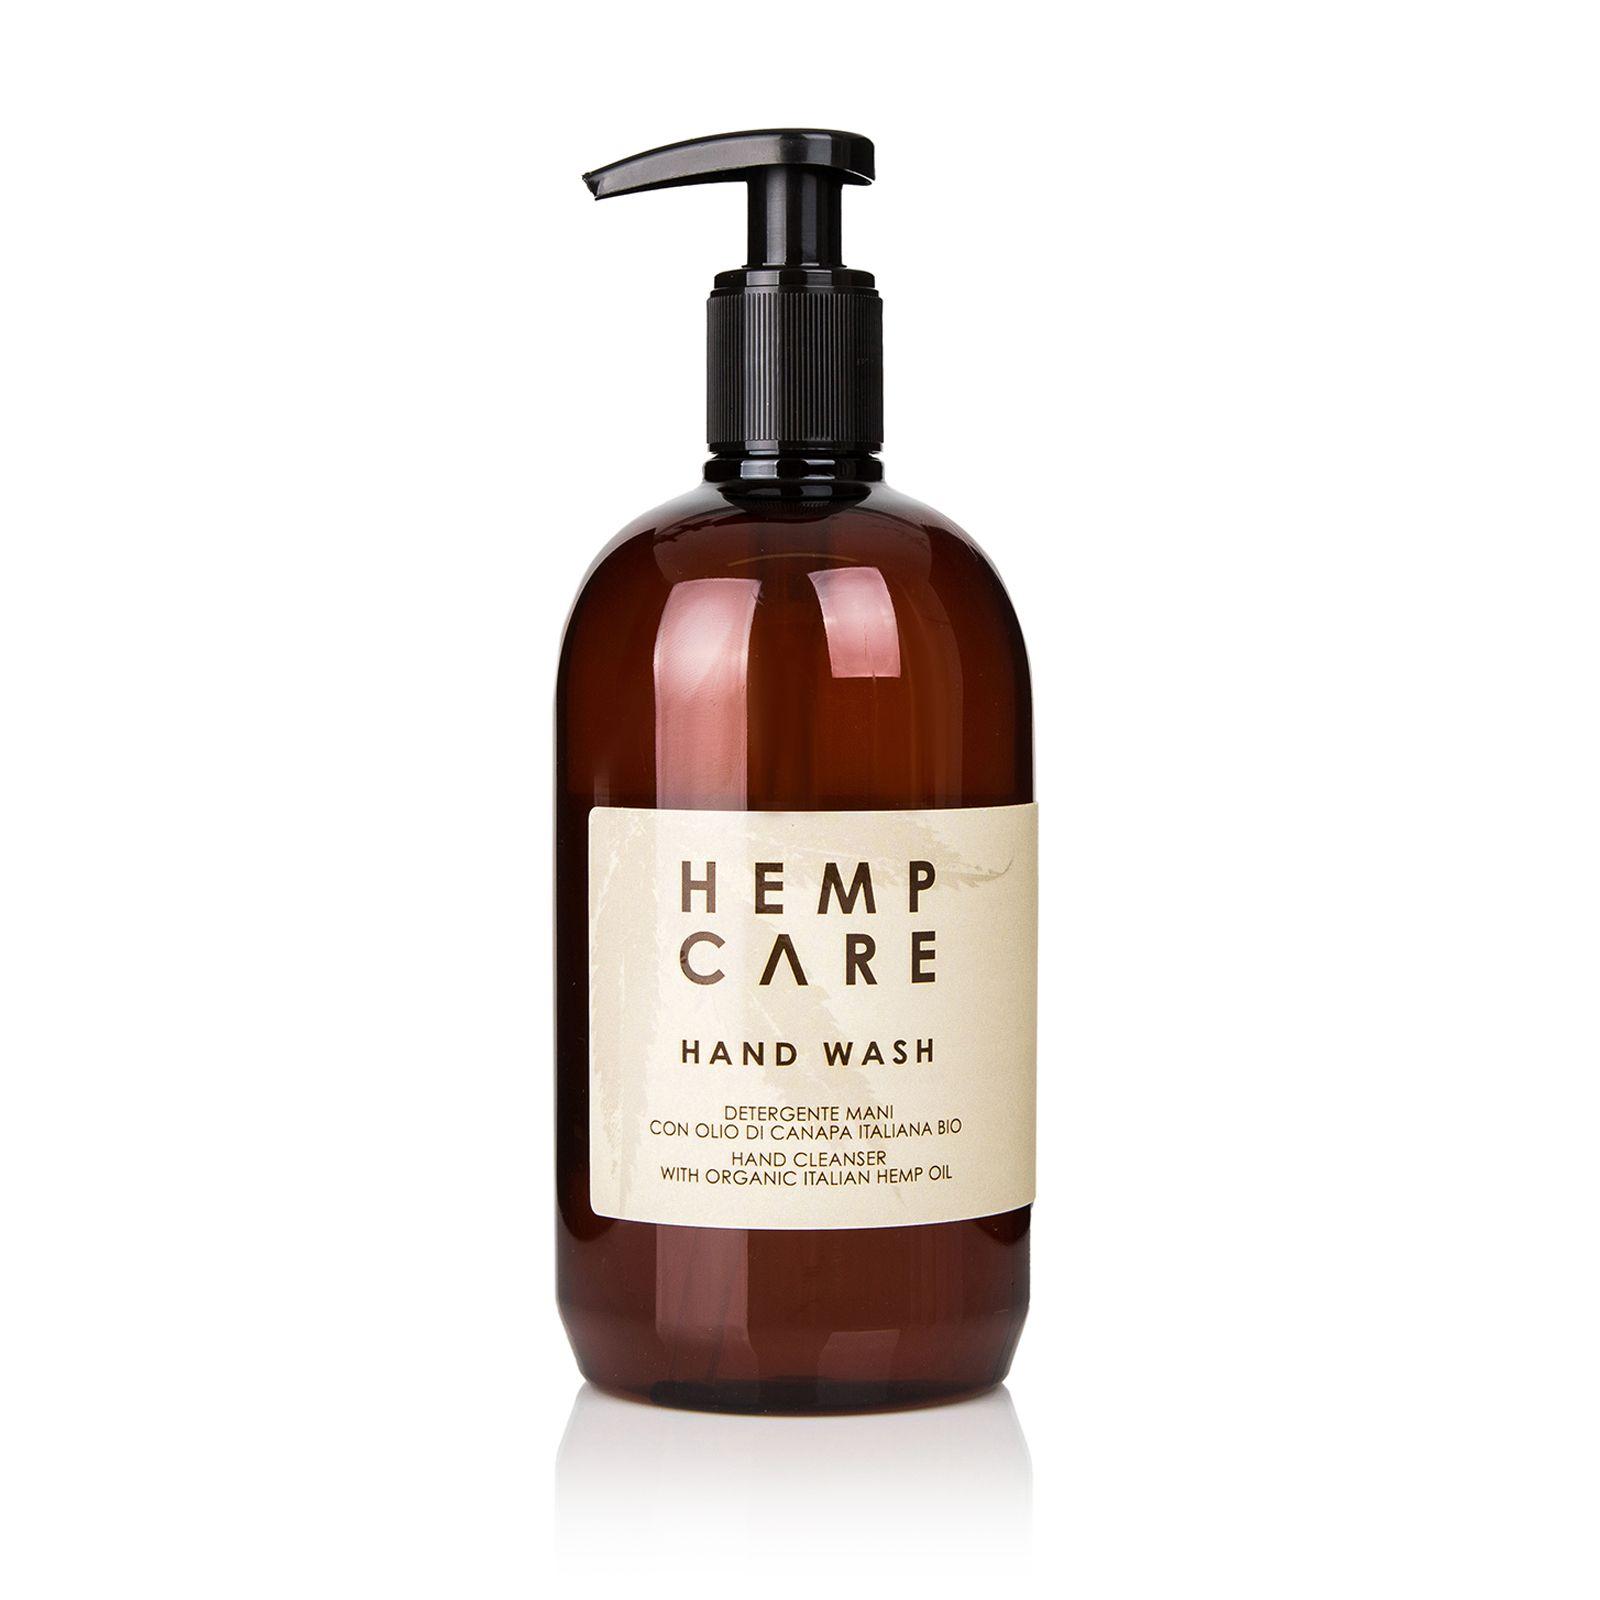 HEMP CARE жидкое мыло